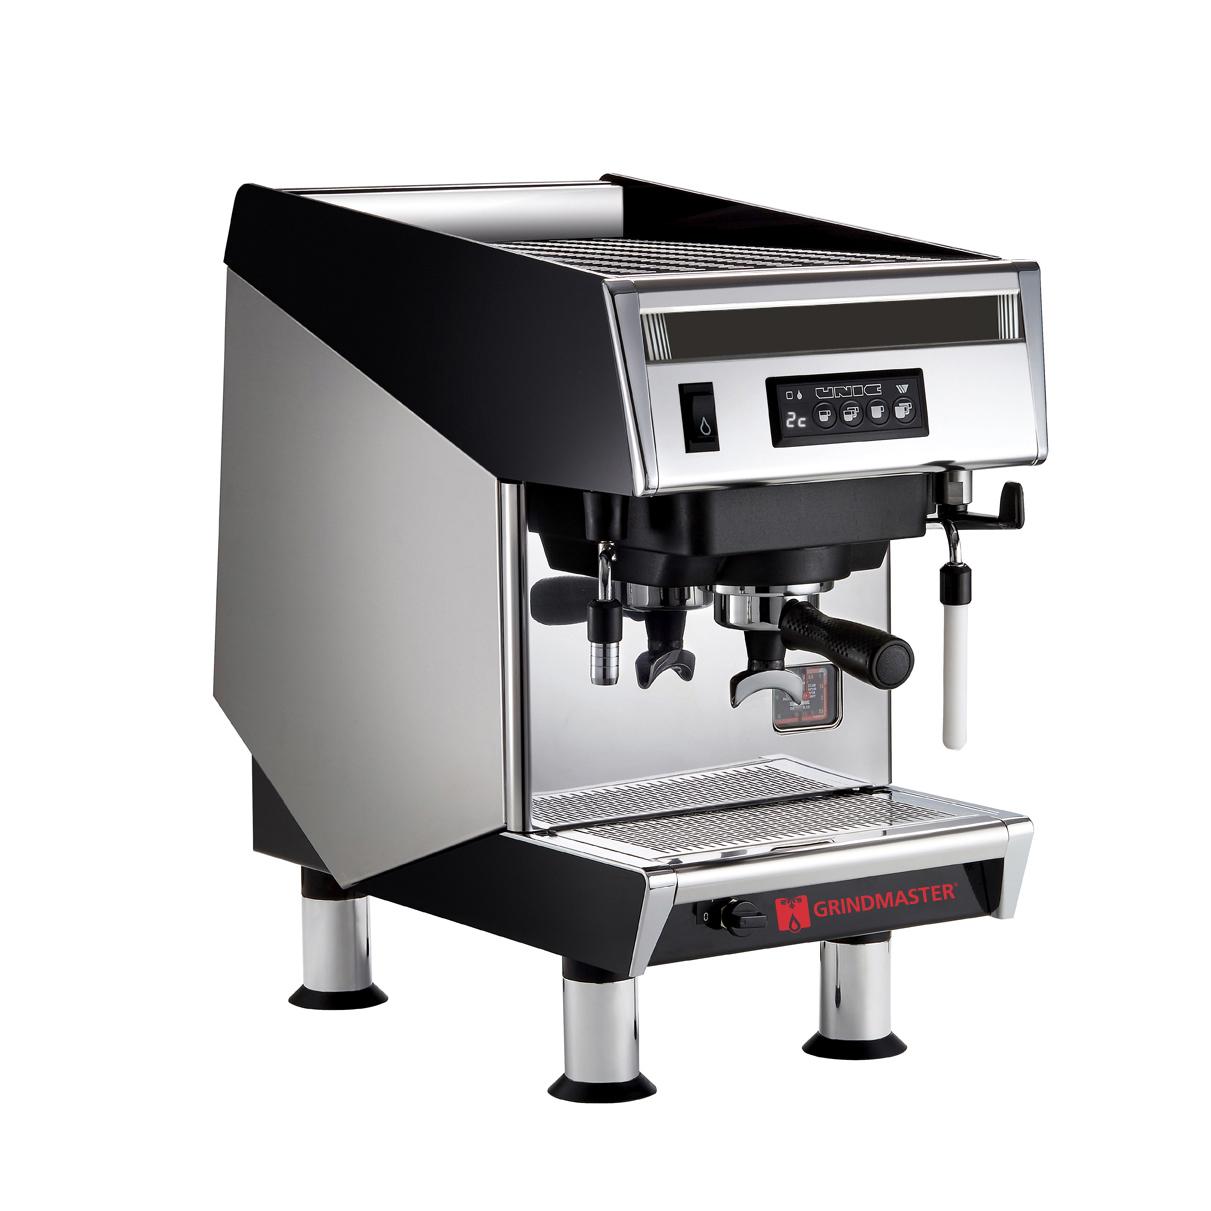 Grindmaster-Cecilware MIRA espresso cappuccino machine